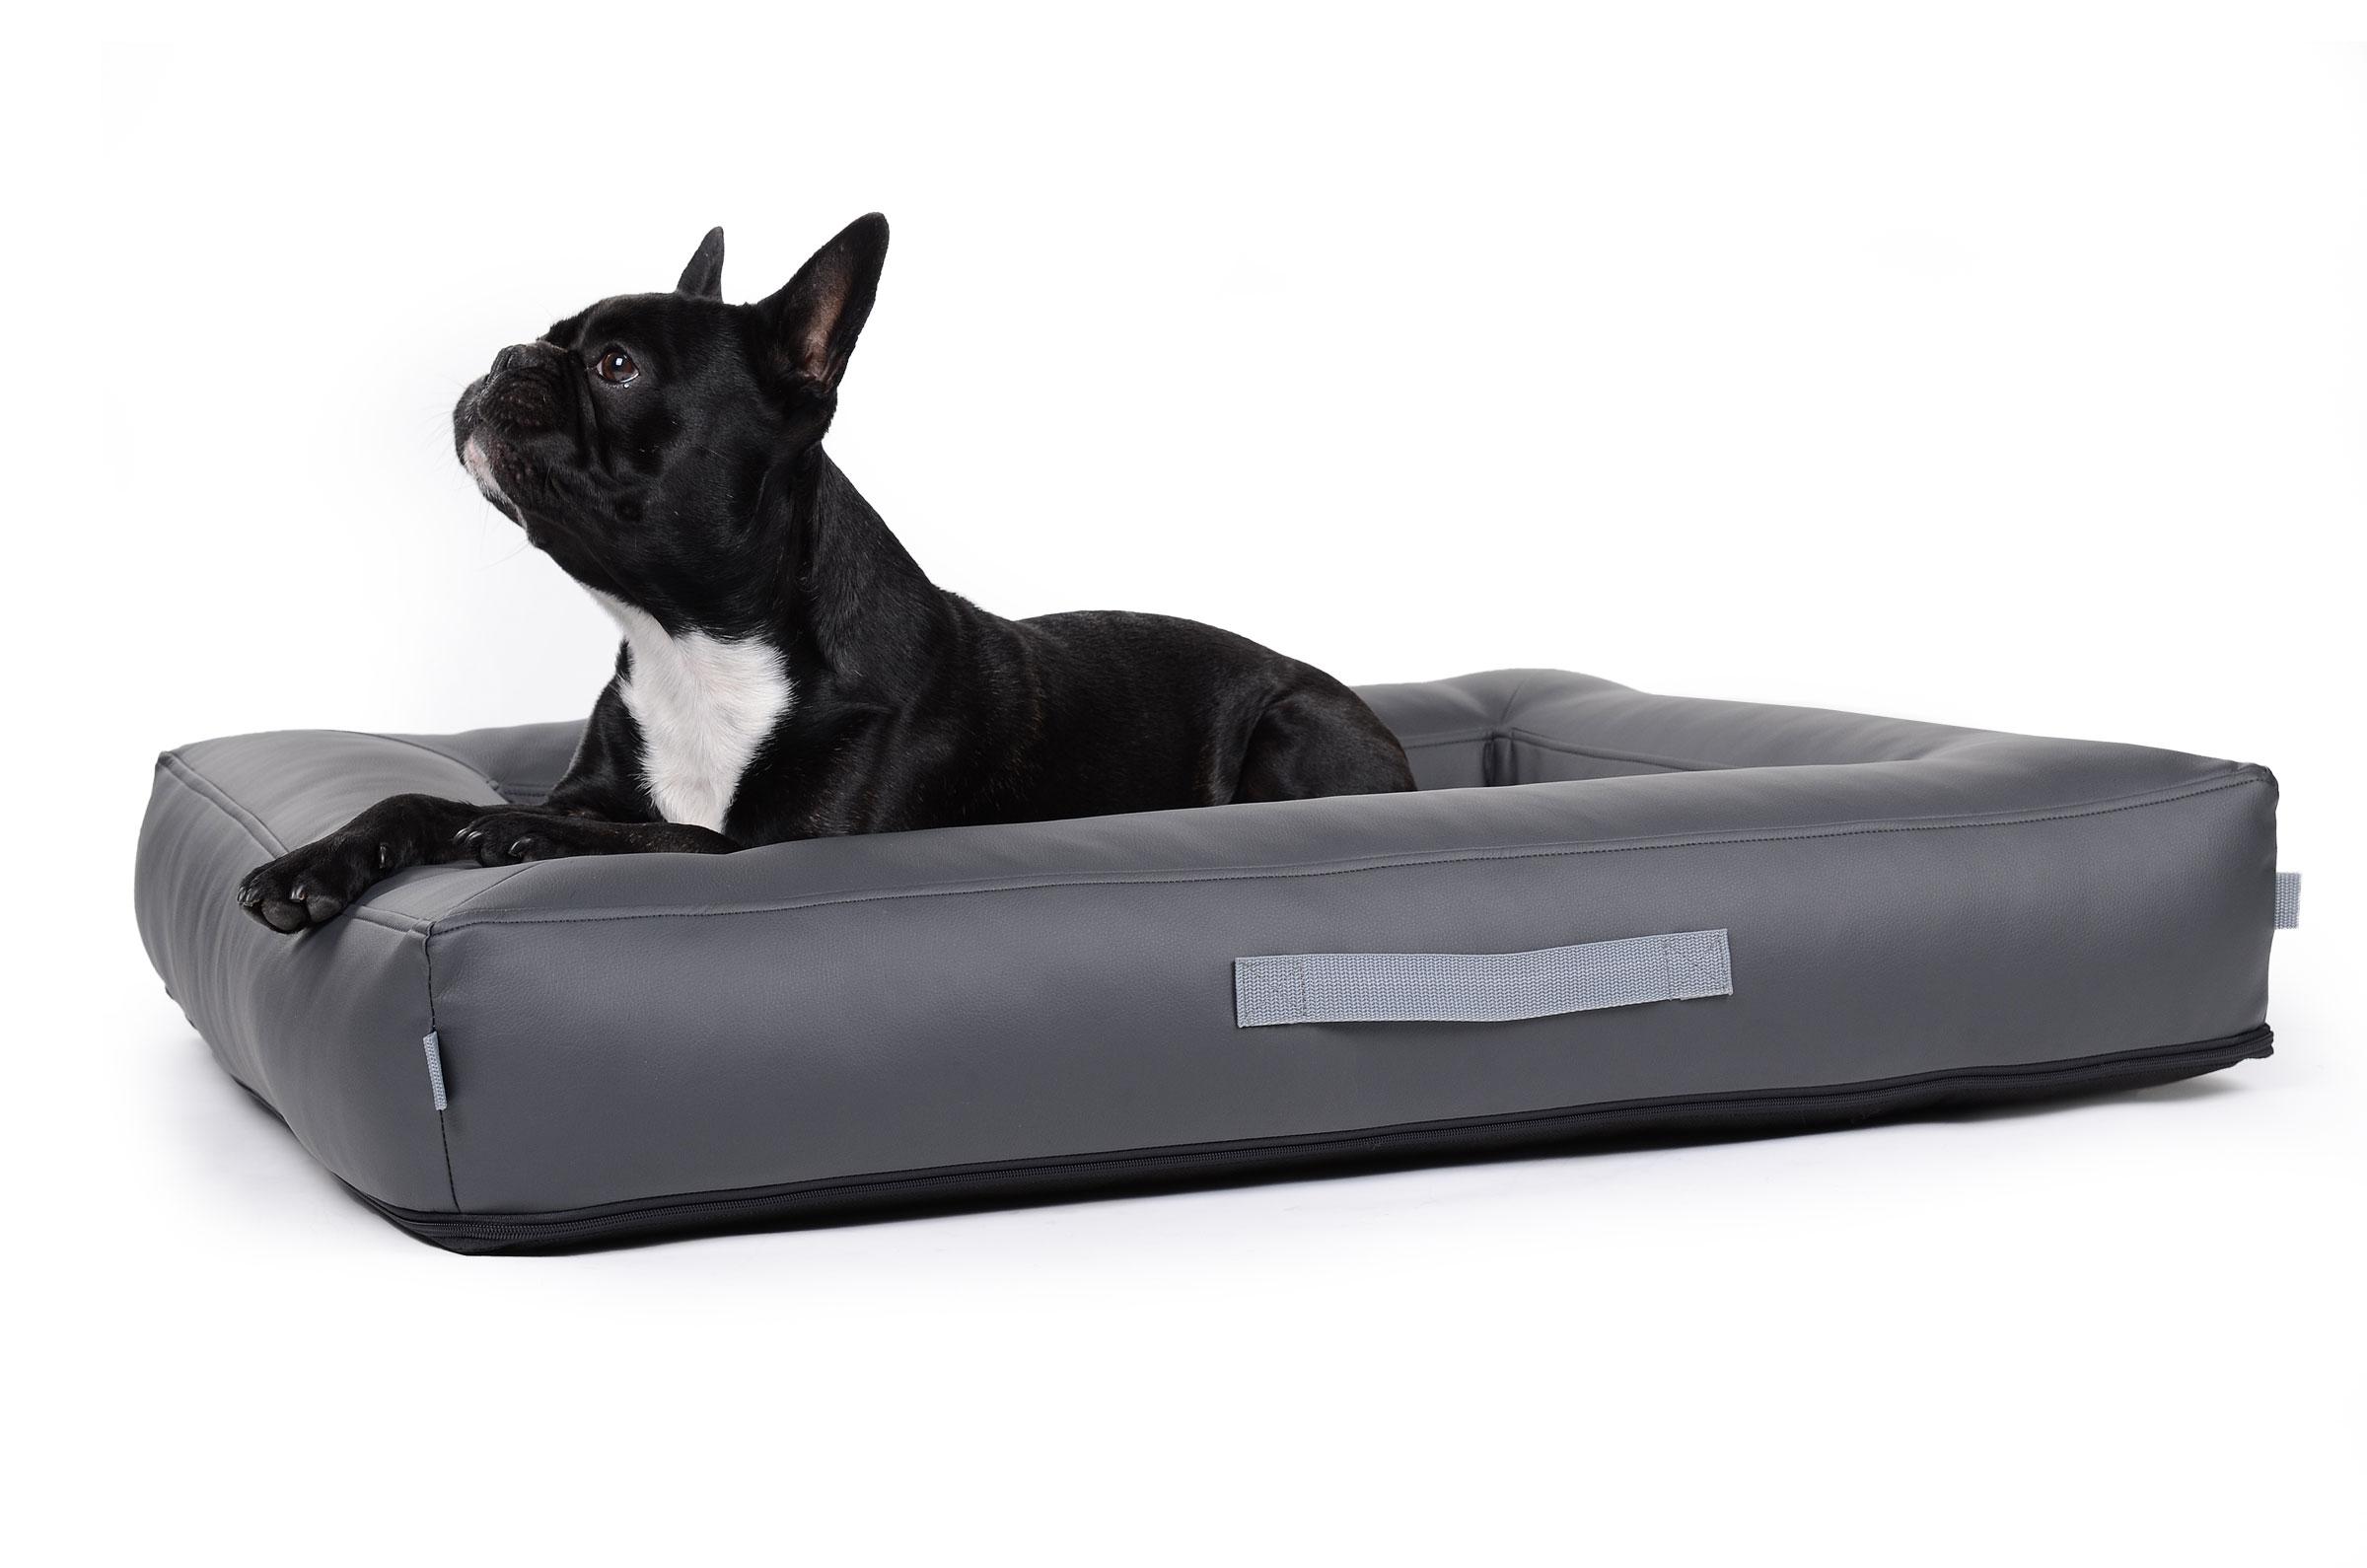 Full Size of Hunde Bett Hundebett Wolke Flocke Kaufen Auto 125 120 Cm Bitiba Rund Zooplus Test Xxl 90 Kunstleder Erfahrungen Holz Hundebettenmanufaktur Aus Bett Hunde Bett